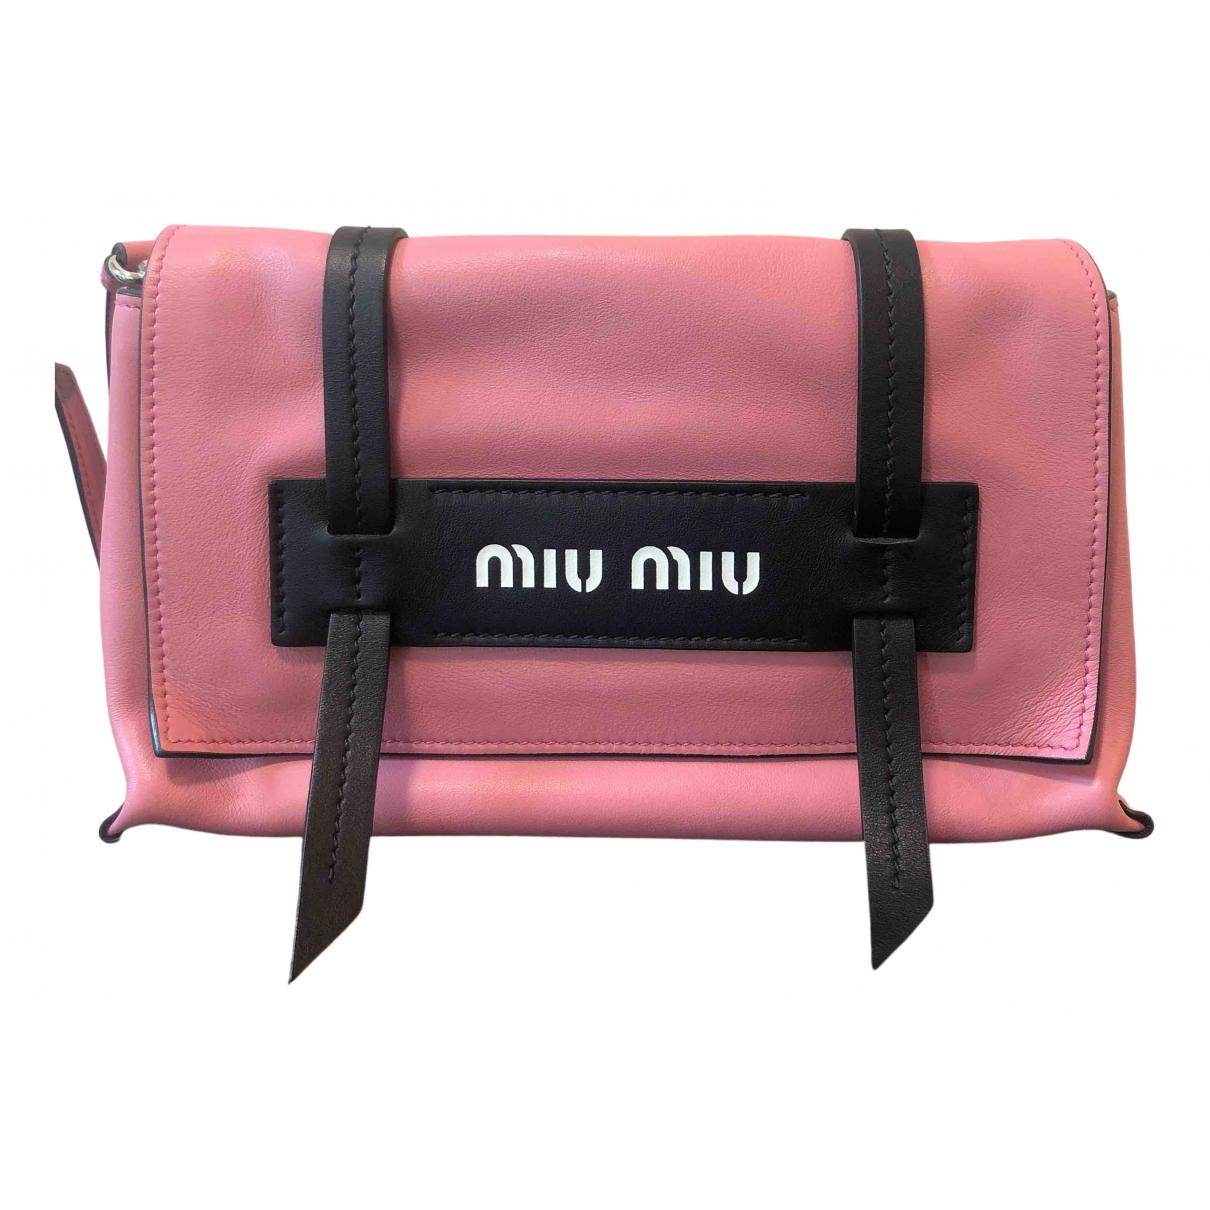 Miu Miu - Sac a dos   pour femme en cuir - rose